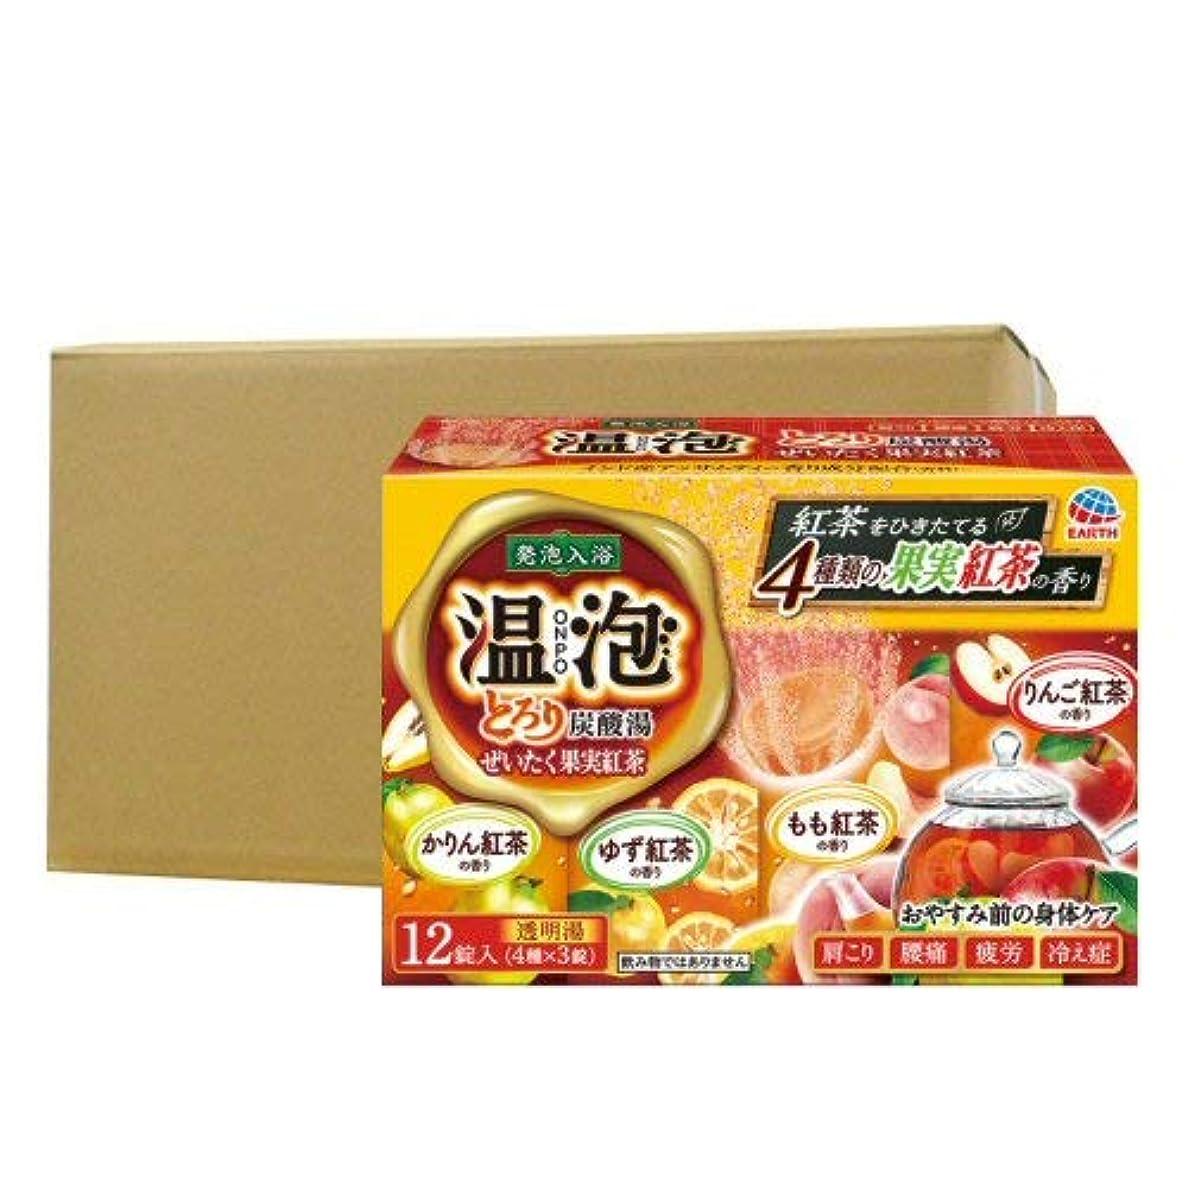 病弱適応的対象温泡 ONPO とろり炭酸湯 ぜいたく果実紅茶 12錠入り×16個